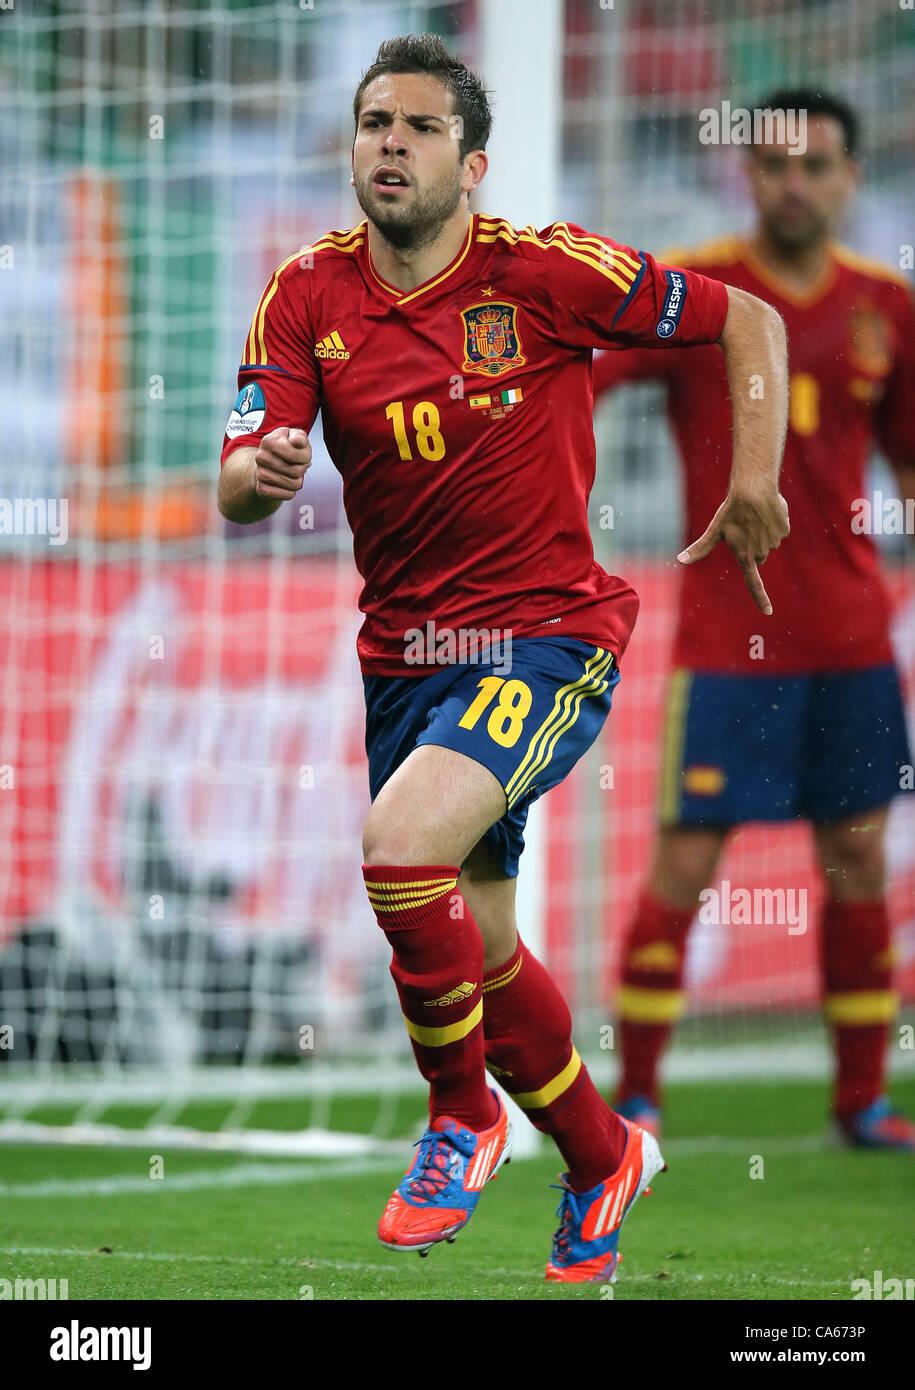 JORDI ALBA SPAIN ARENA GDANSK GDANSK POLAND 14 June 2012 - Stock Image